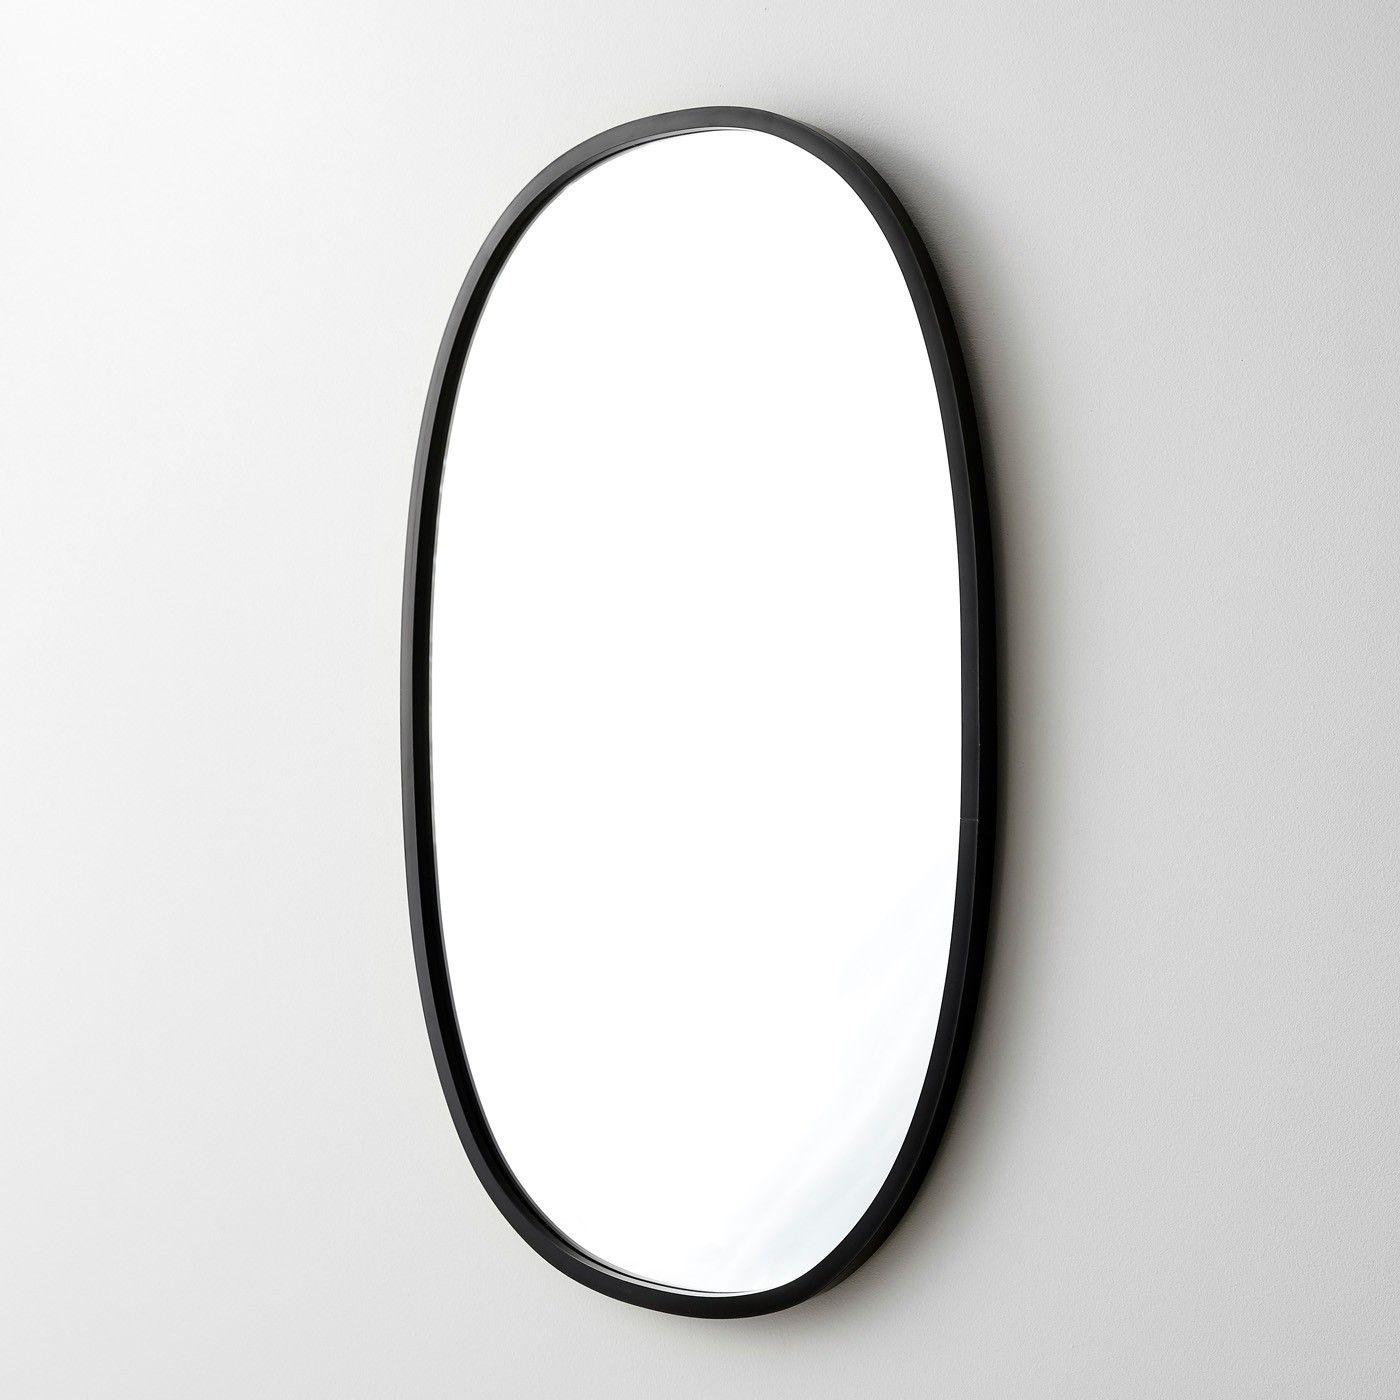 Hub Black Oval Wall Mirror 18 X 24 Oval Mirror Mirror Wall Oval Wall Mirror [ 1400 x 1400 Pixel ]